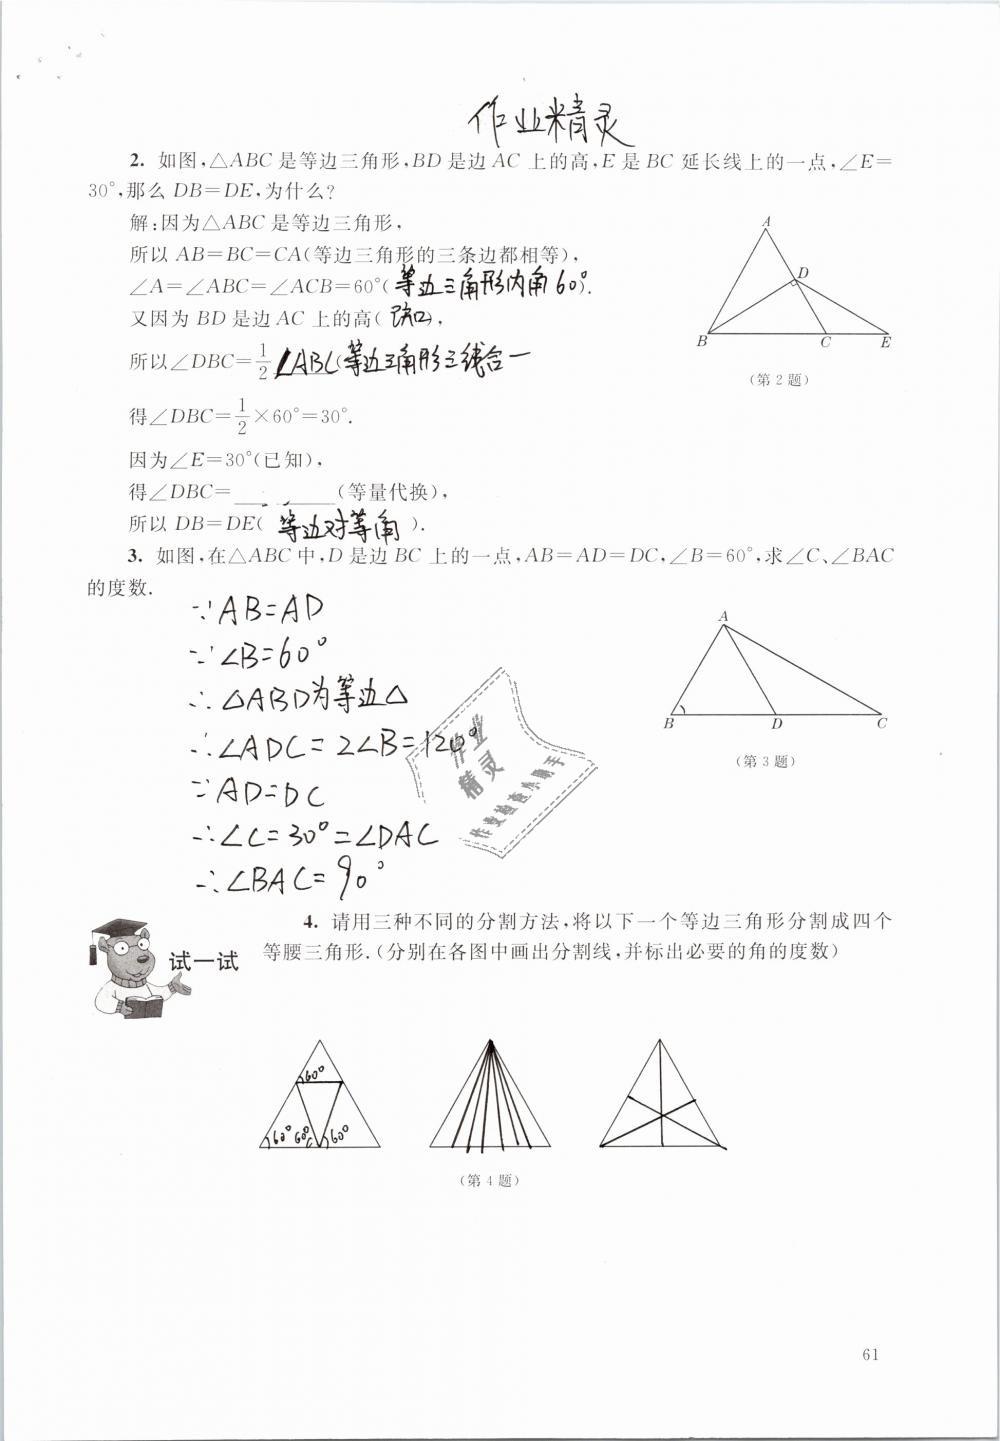 2019年数学练习部分七年级第二学期第61页